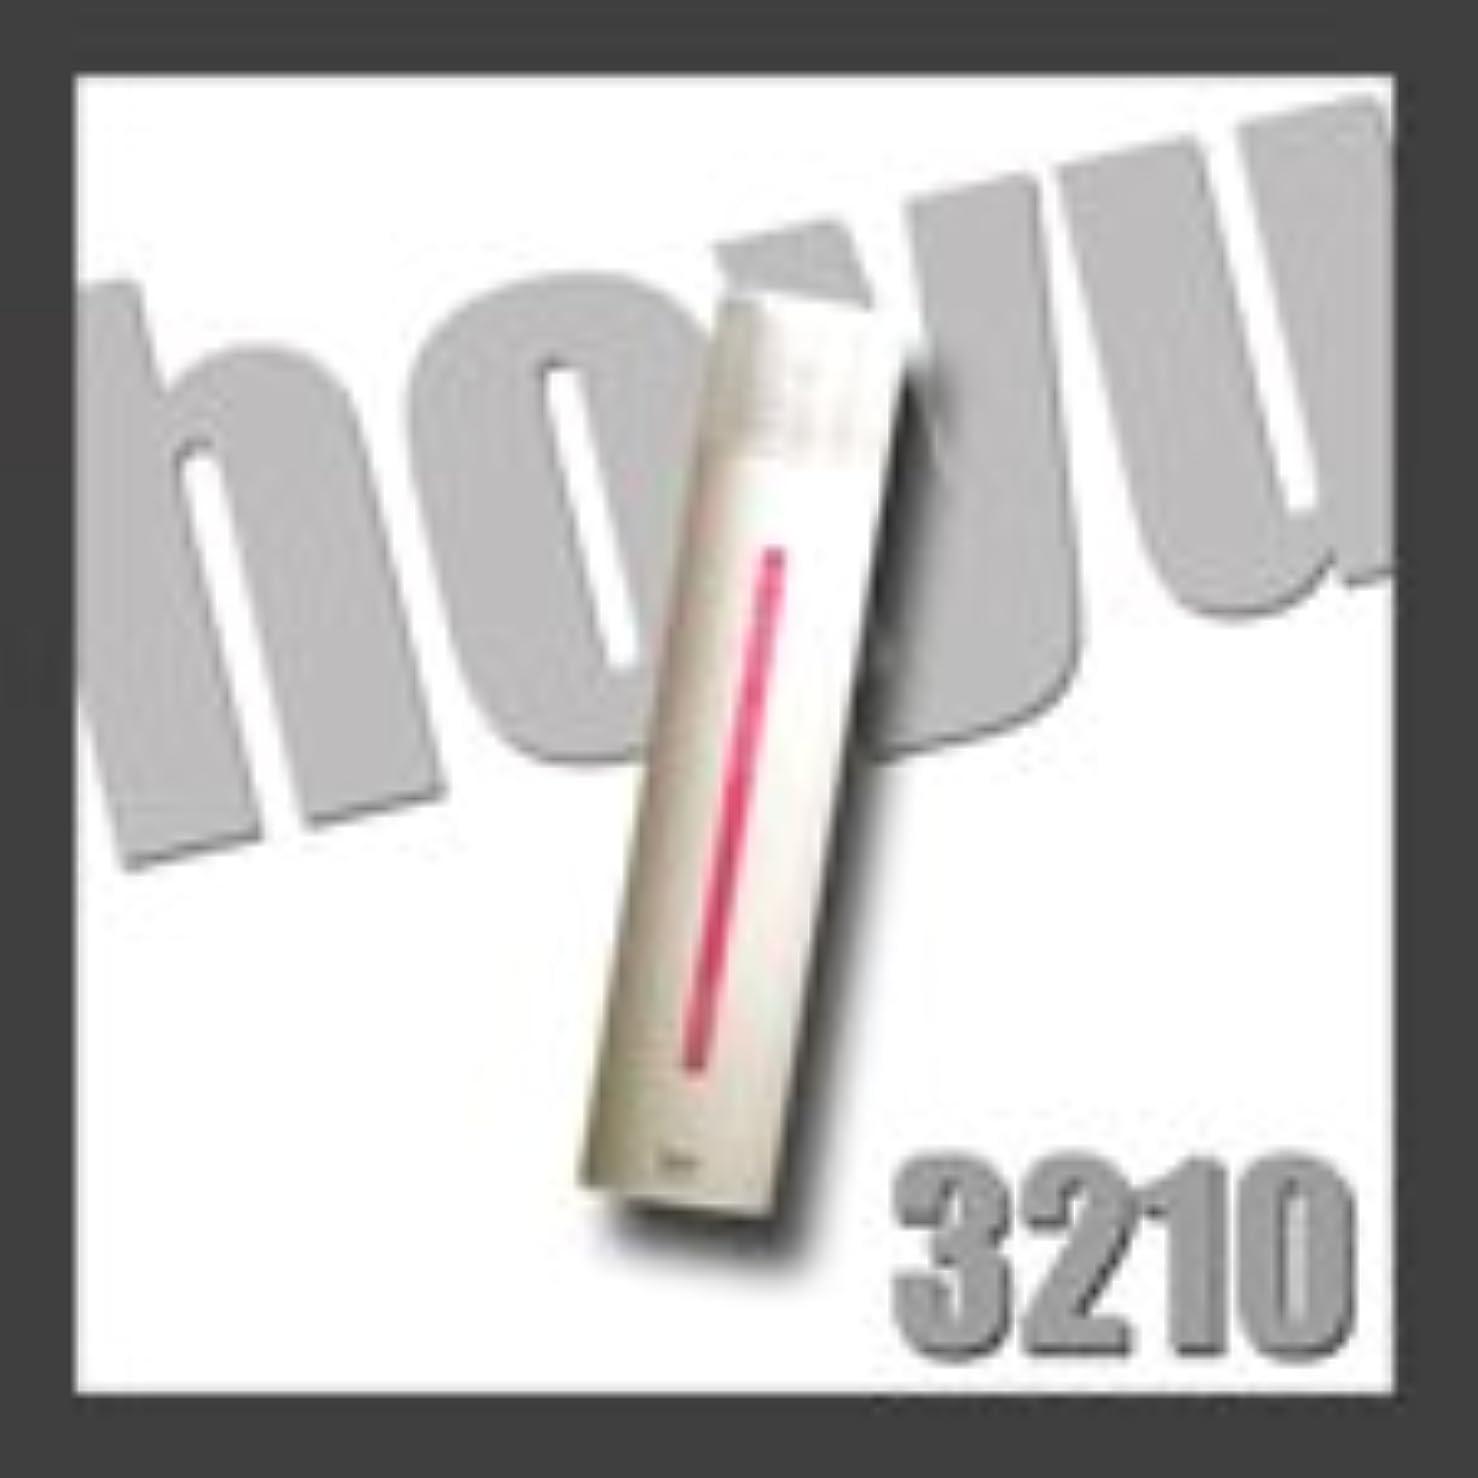 等しい適切にきょうだいHOYU ホーユー 3210 ミニーレ スプリール スタイリングスプレー HF ハードフィックス 180g